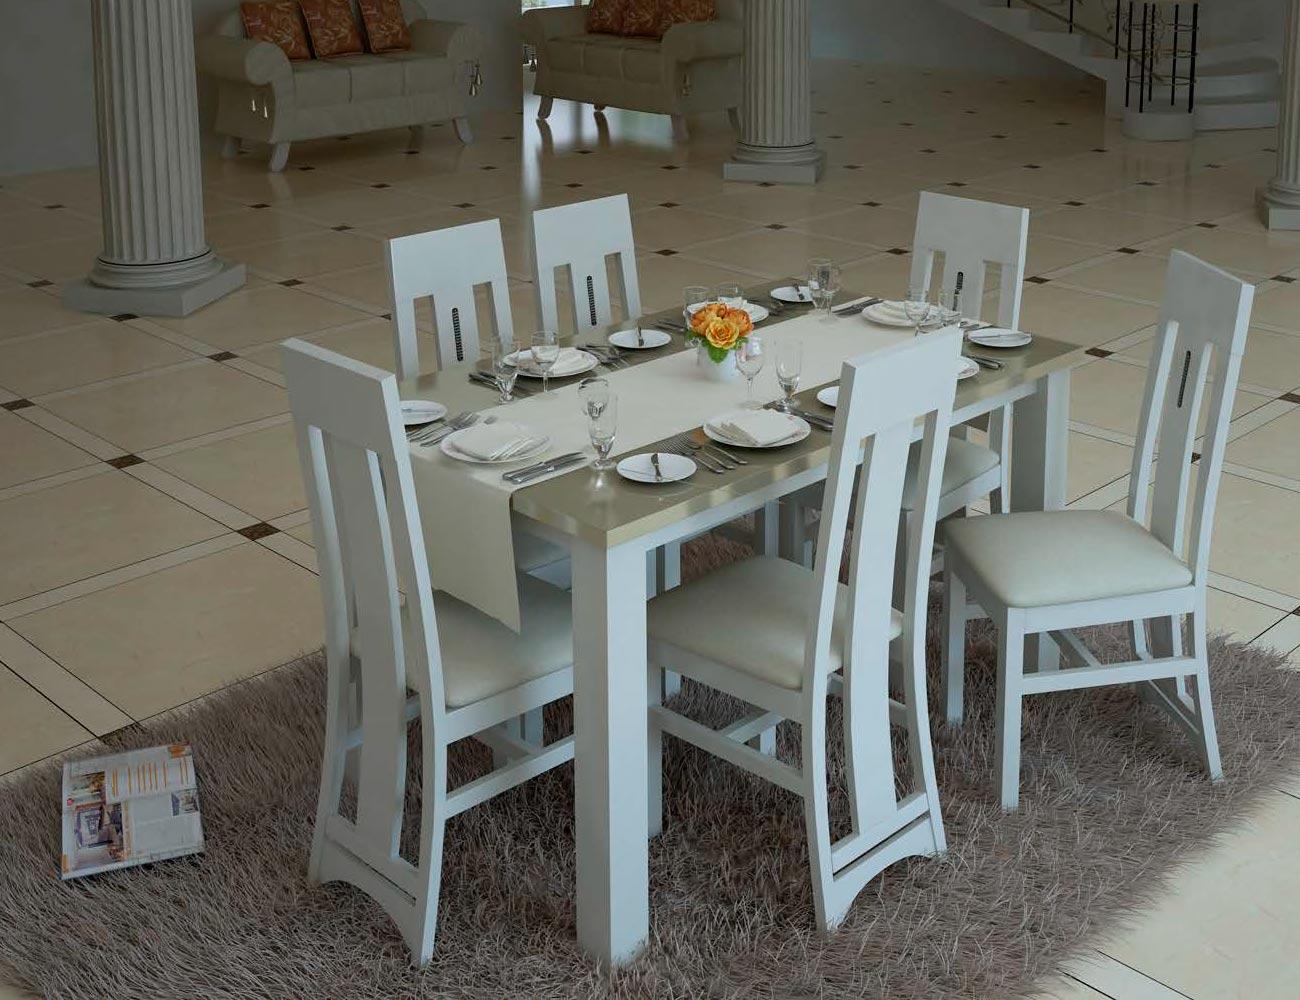 Mesa sillas neoclasico color 504 t6032